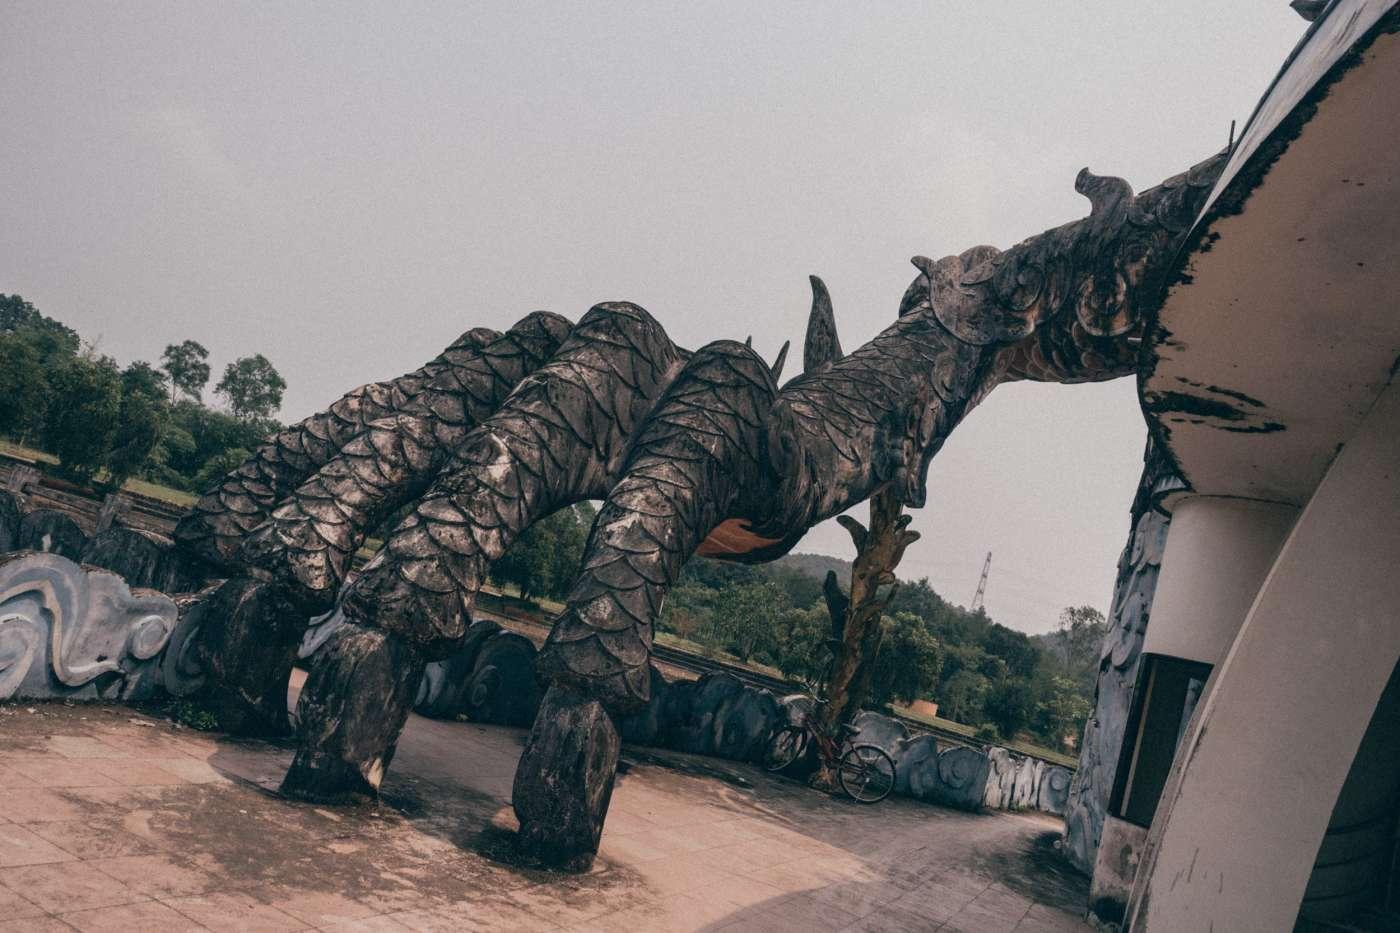 Du khách nước ngoài đổ xô khám phá công viên nước bỏ hoang ở Việt Nam - 9